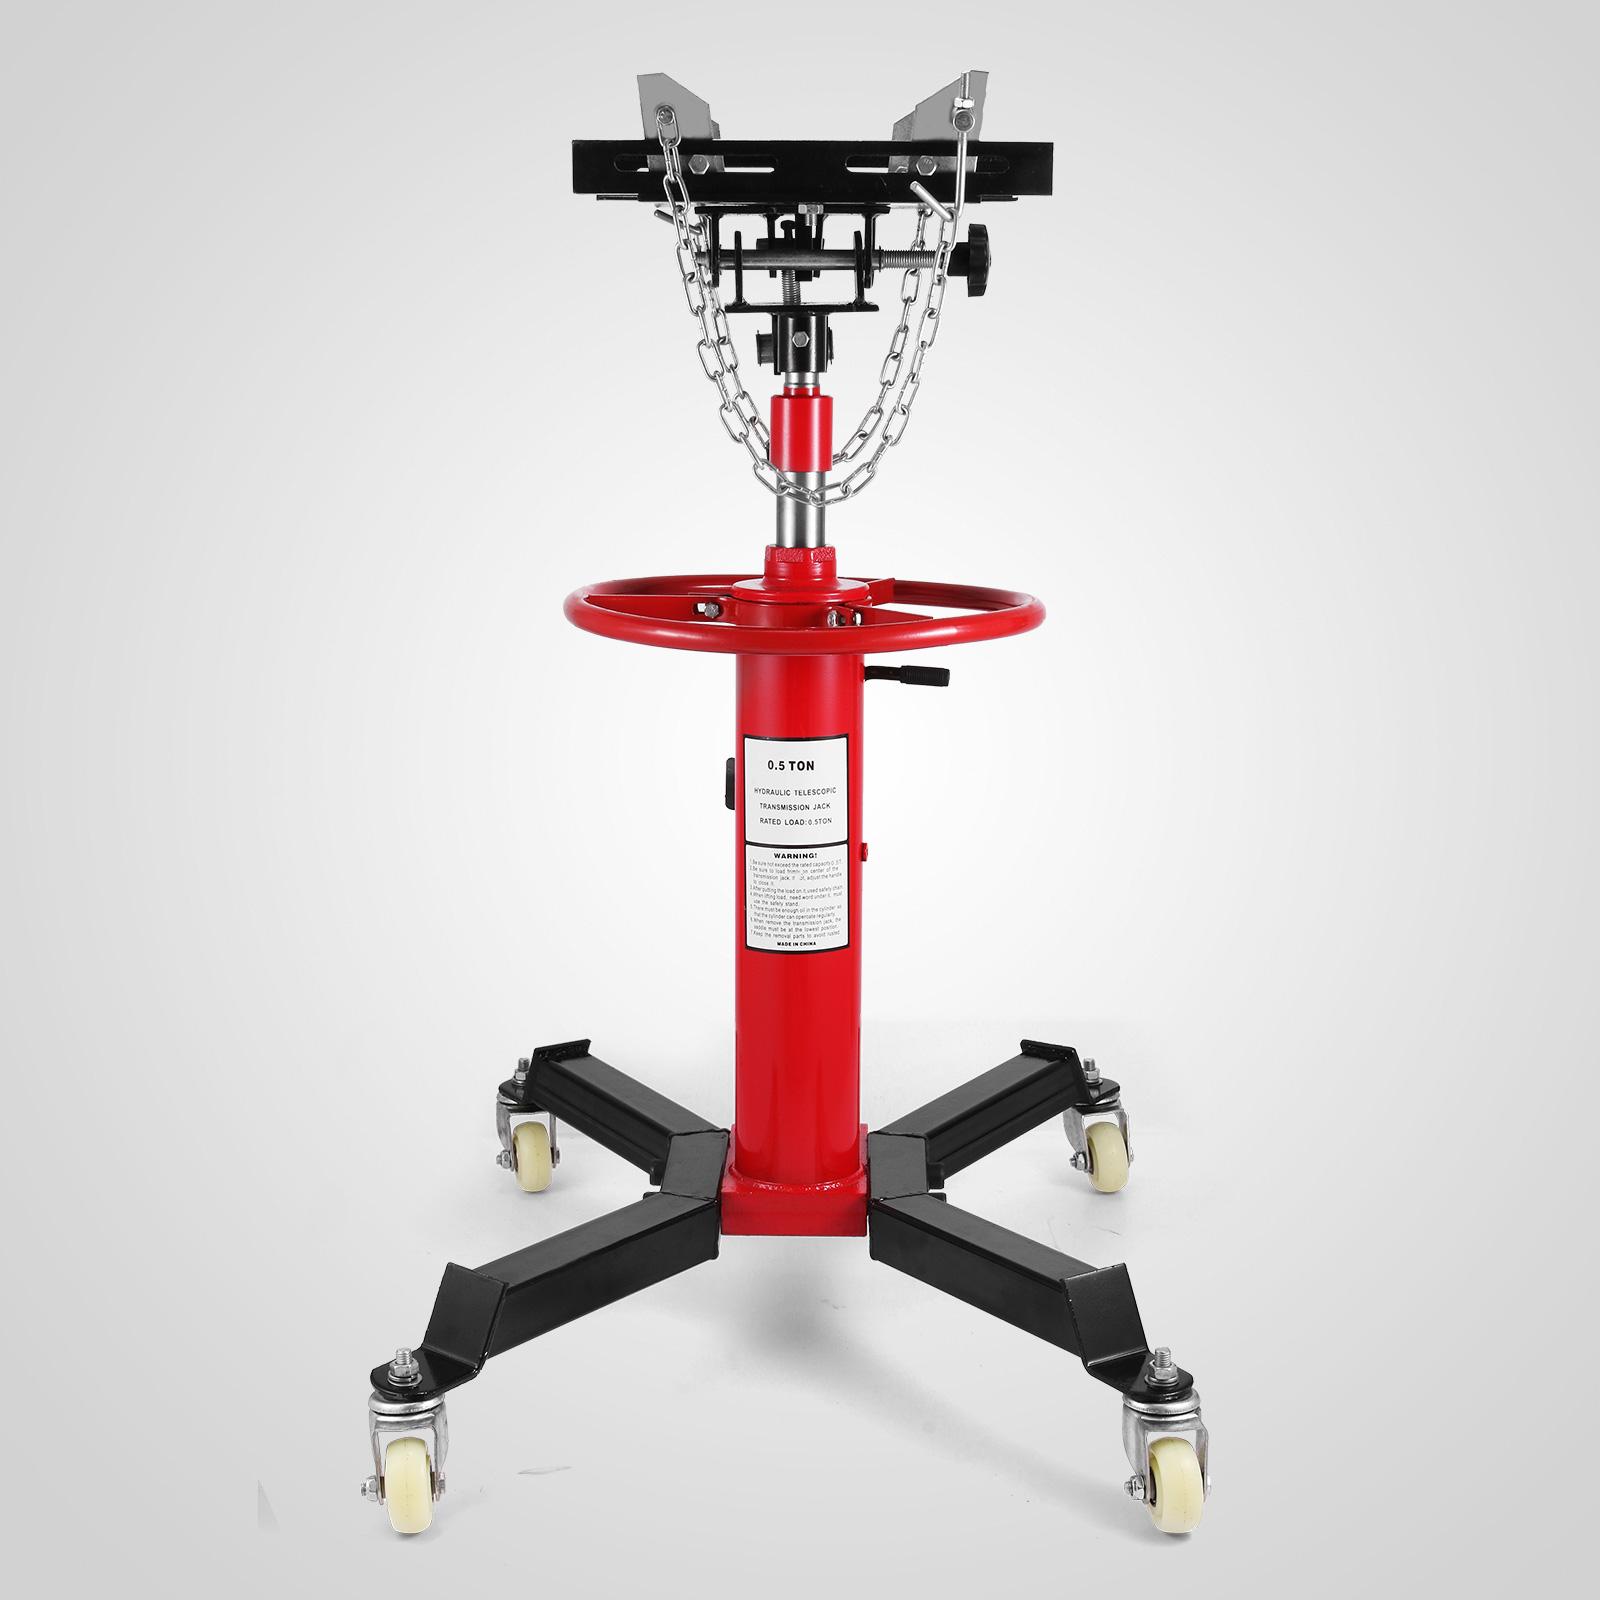 Hydraulic Puller Jack : Lb stage hydraulic transmission jack heavy duty